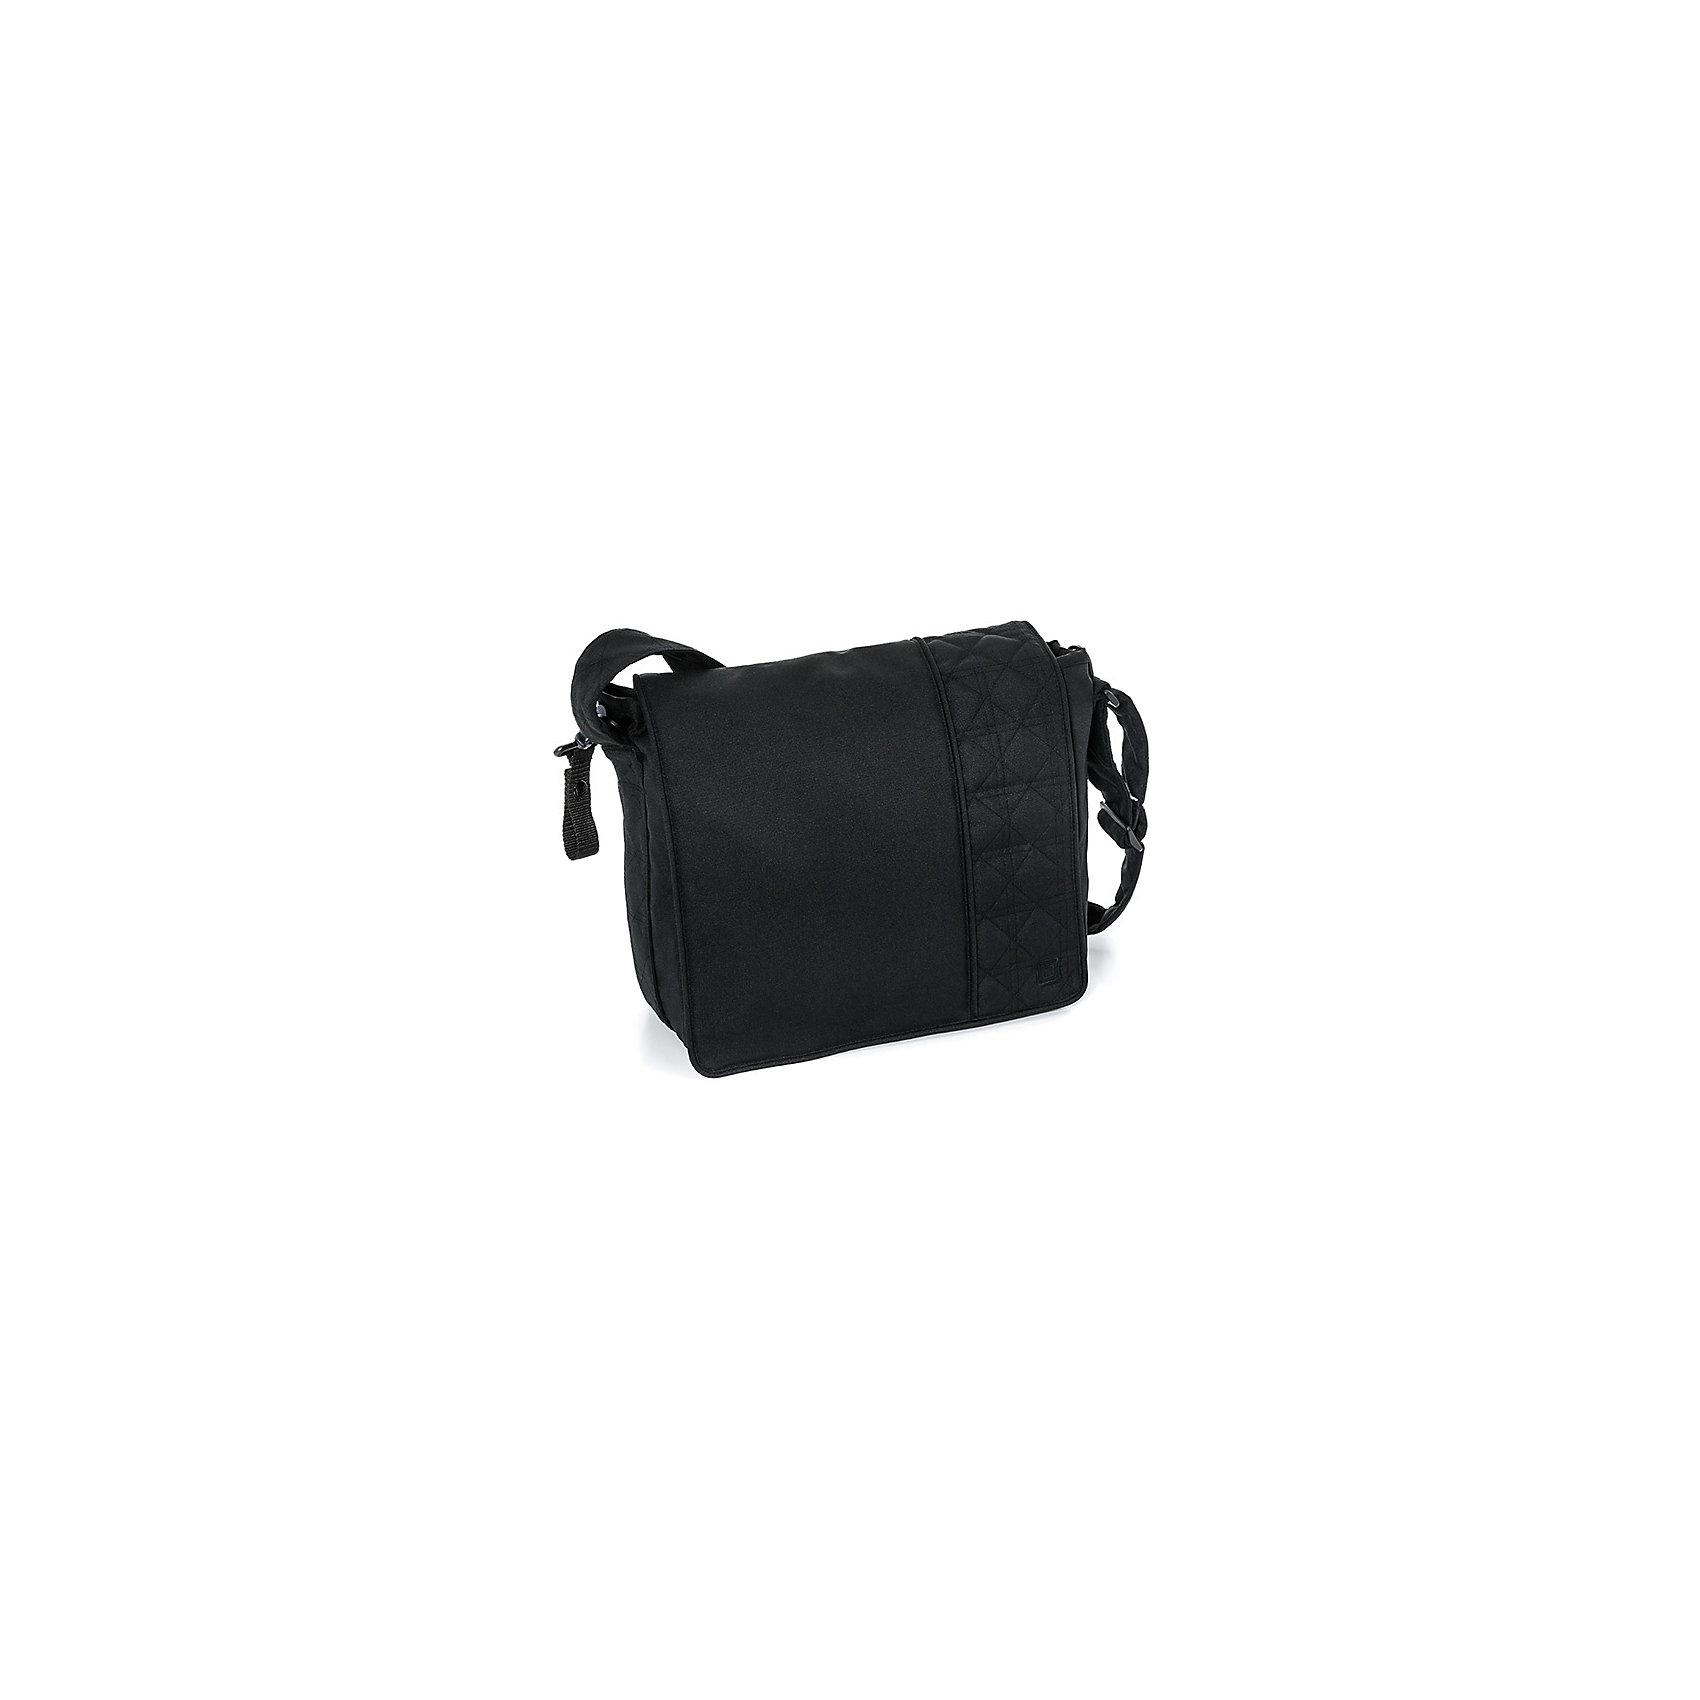 Сумка на коляску , Moon, Bag Black MelangeСтильная сумка от немецкого производителя детских колясок и аксессуаров – Moon, подойдет к любой коляске<br>В комплекте:<br>• Пеленальный матрасик<br>• Кошелек для мелочей<br>• 3 больших внутренних кармана, есть отделение для смены подгузников, 8 кармашков на сетке для мелочей.<br>• Магнитная застежка<br>• Ручка для переноски, универсальное крепление на коляску<br><br>Ширина мм: 450<br>Глубина мм: 350<br>Высота мм: 100<br>Вес г: 350<br>Возраст от месяцев: 0<br>Возраст до месяцев: 36<br>Пол: Унисекс<br>Возраст: Детский<br>SKU: 5485132